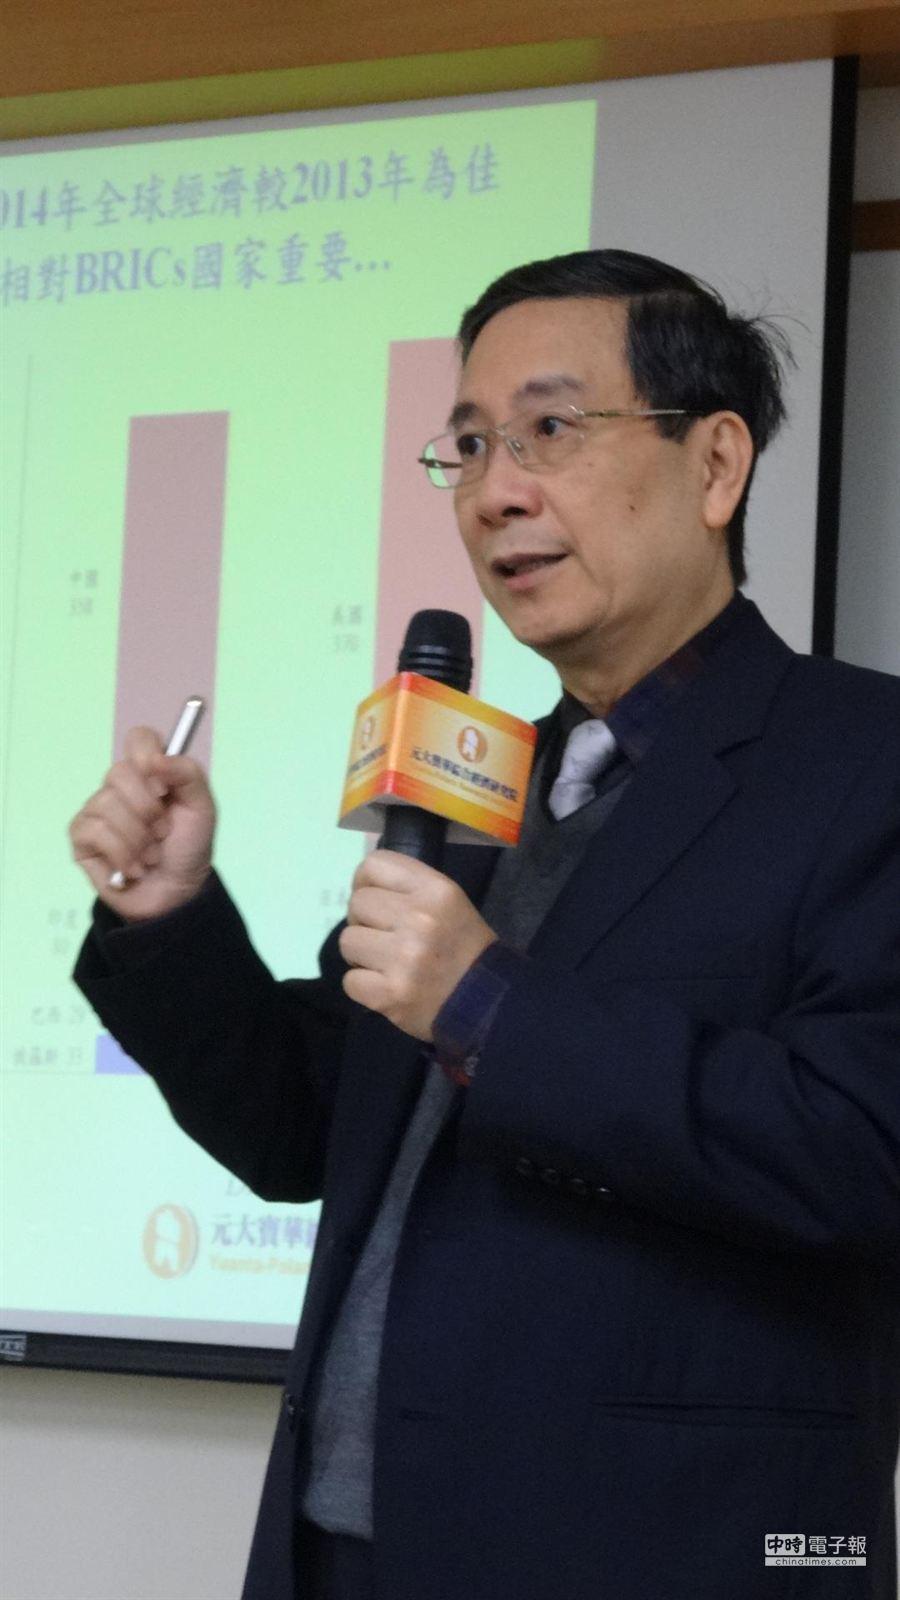 元大寶華綜經院董事長梁國源認為,全球經濟與台灣出口成長已然發生質變。(圖/陳碧芬攝)